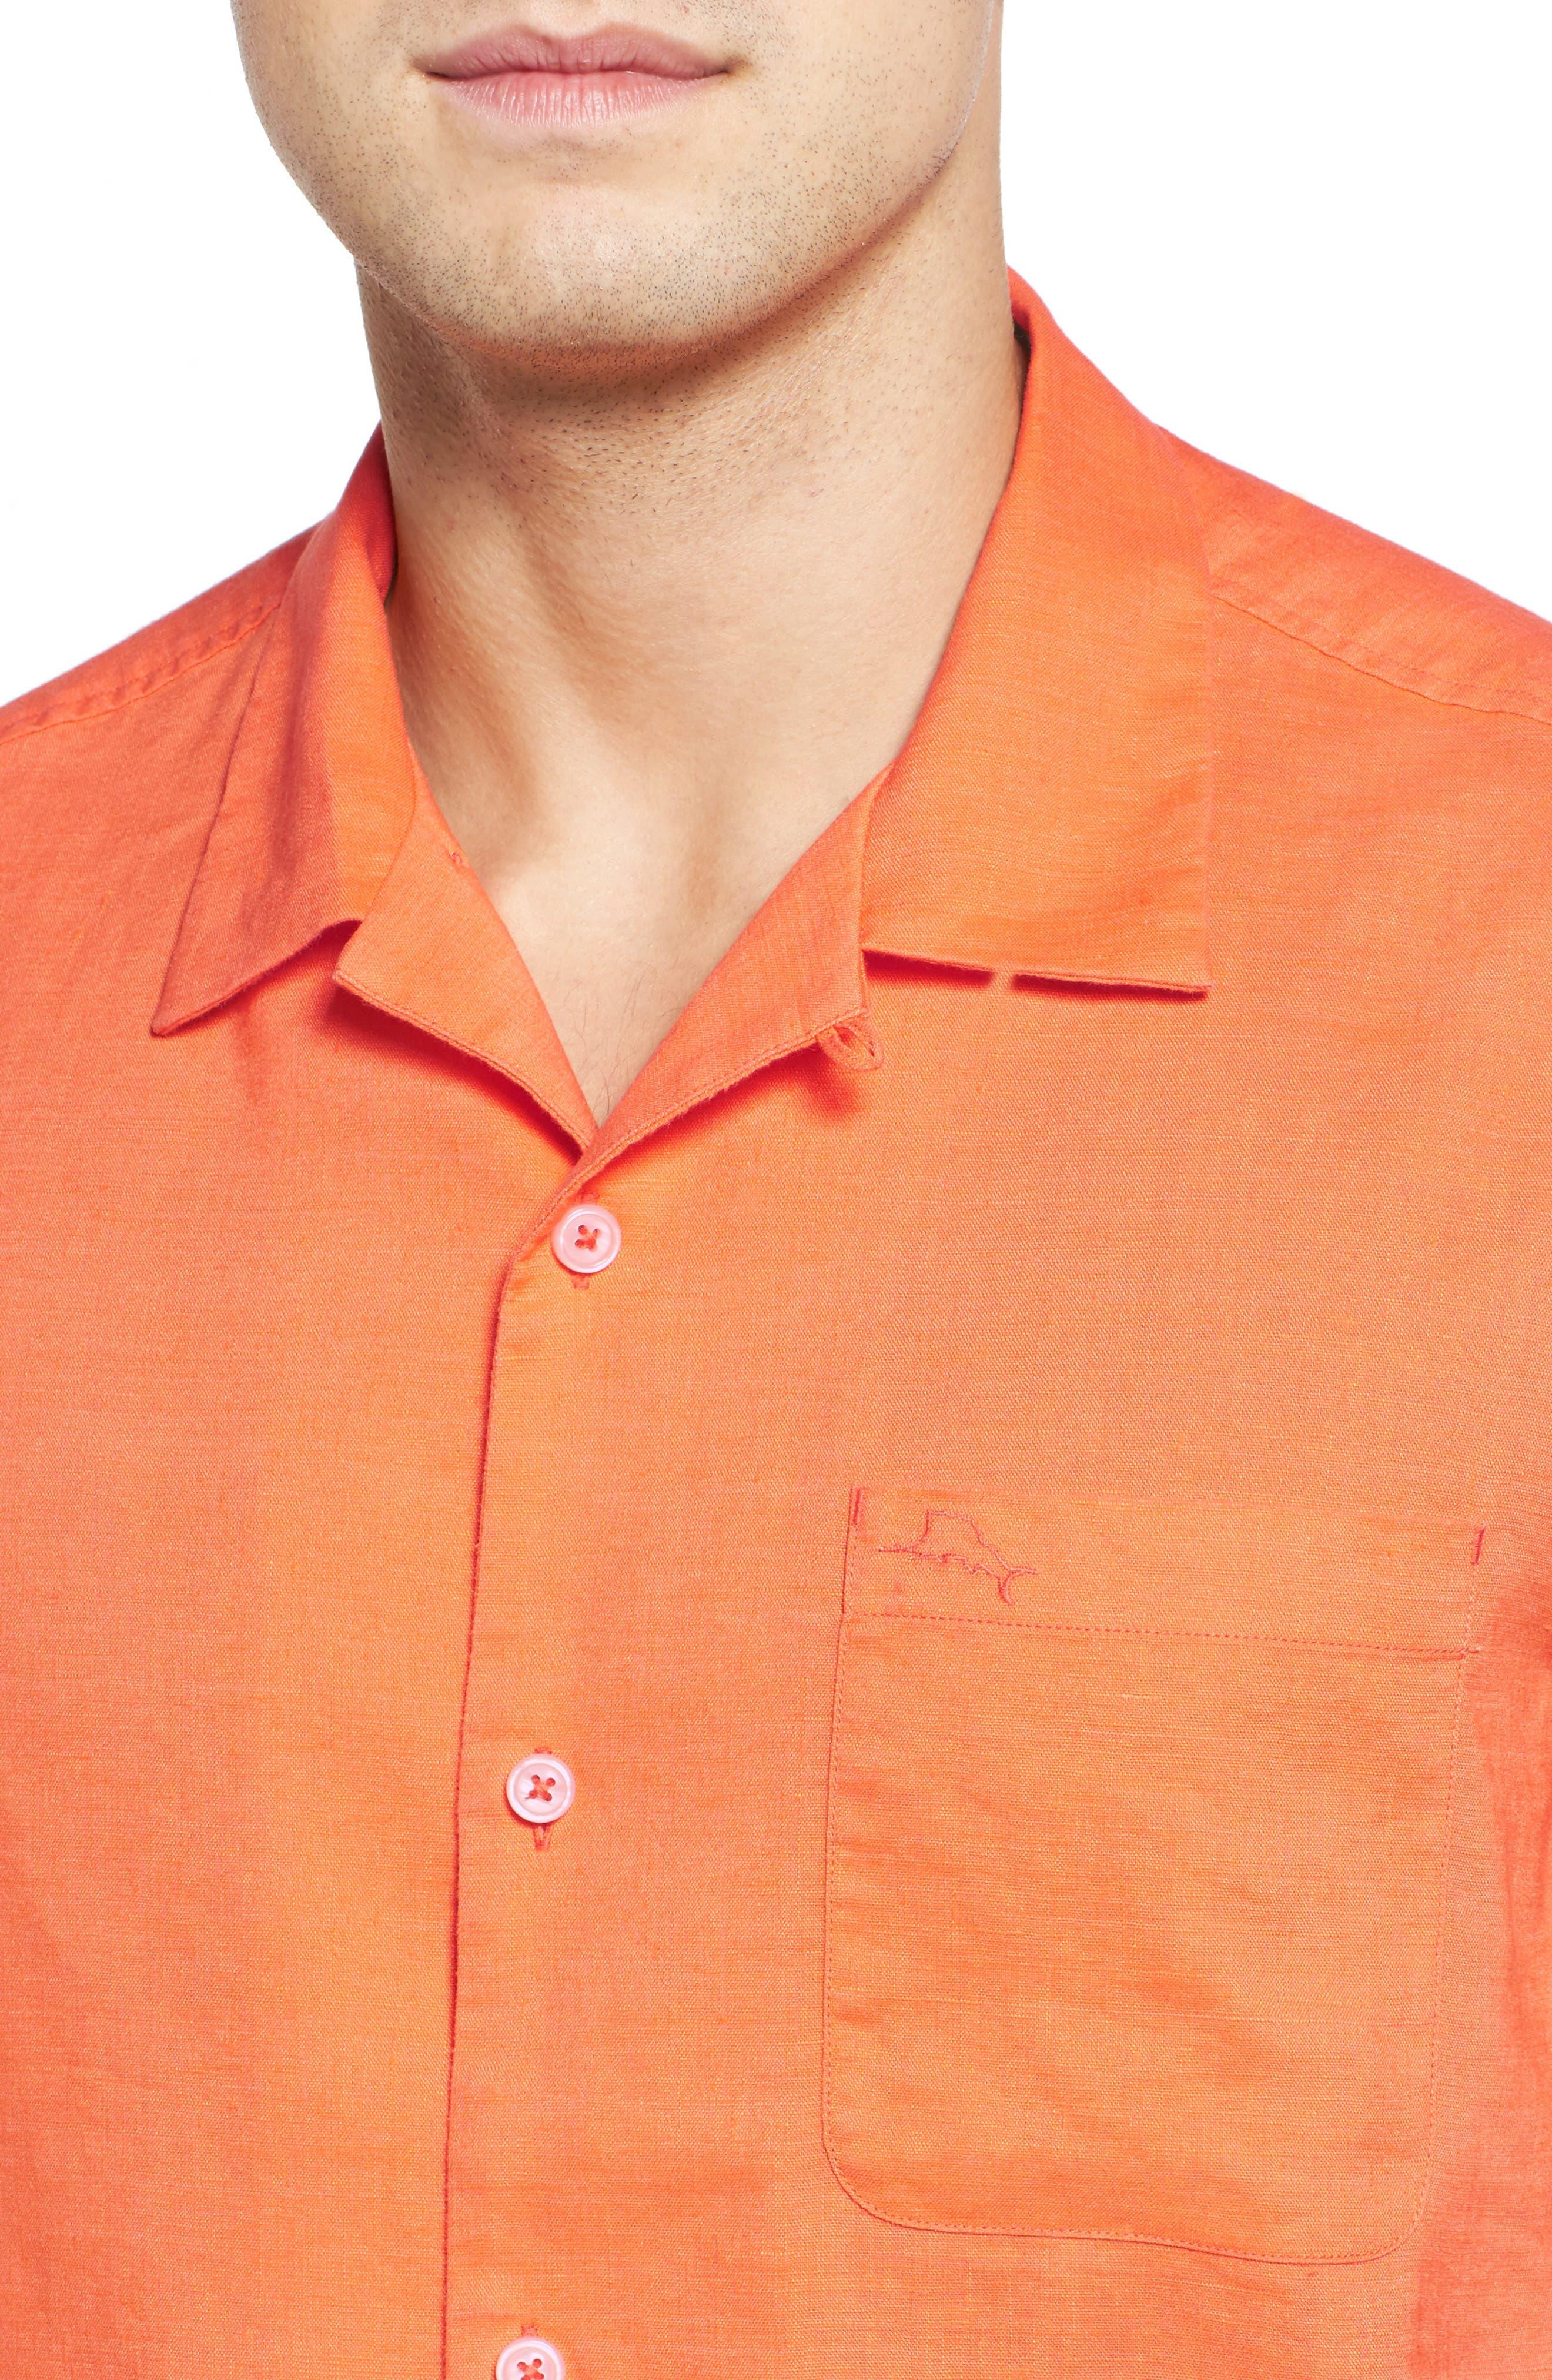 Monaco Tides Standard Fit Linen Blend Camp Shirt,                             Alternate thumbnail 24, color,